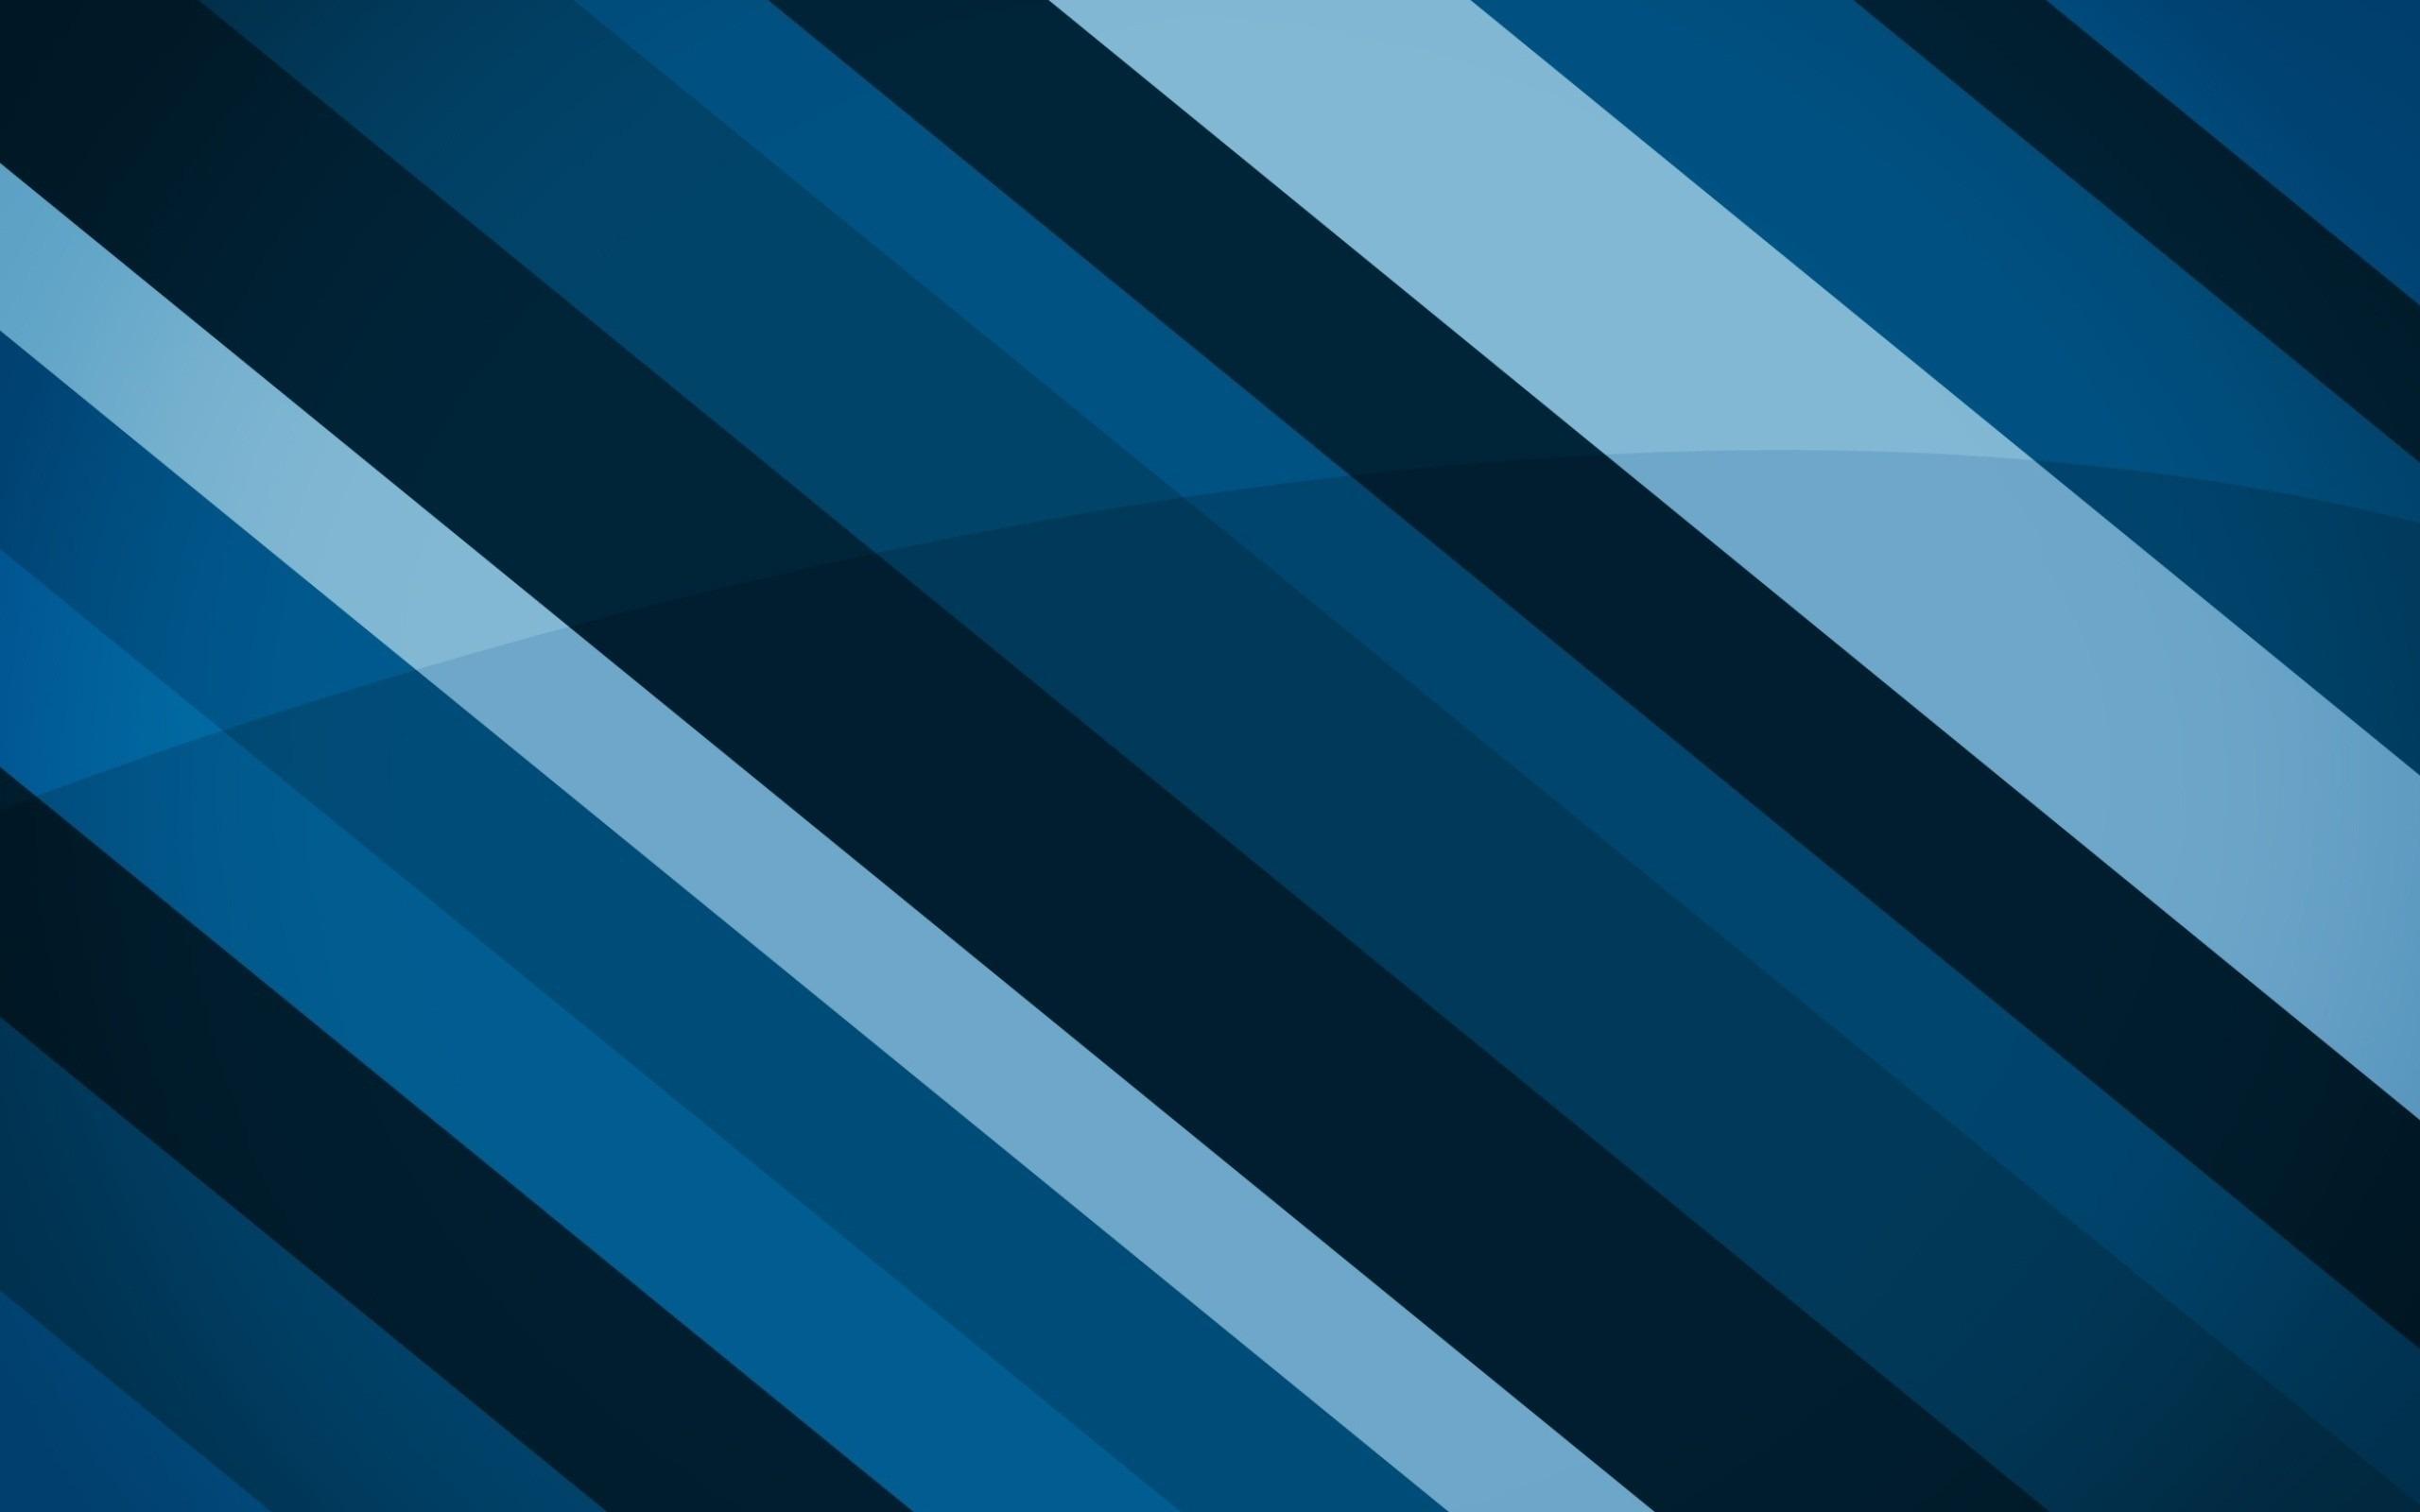 シンプルな抽象パターンテクスチャ デザイン壁紙プレビュー 10wallpaper Com